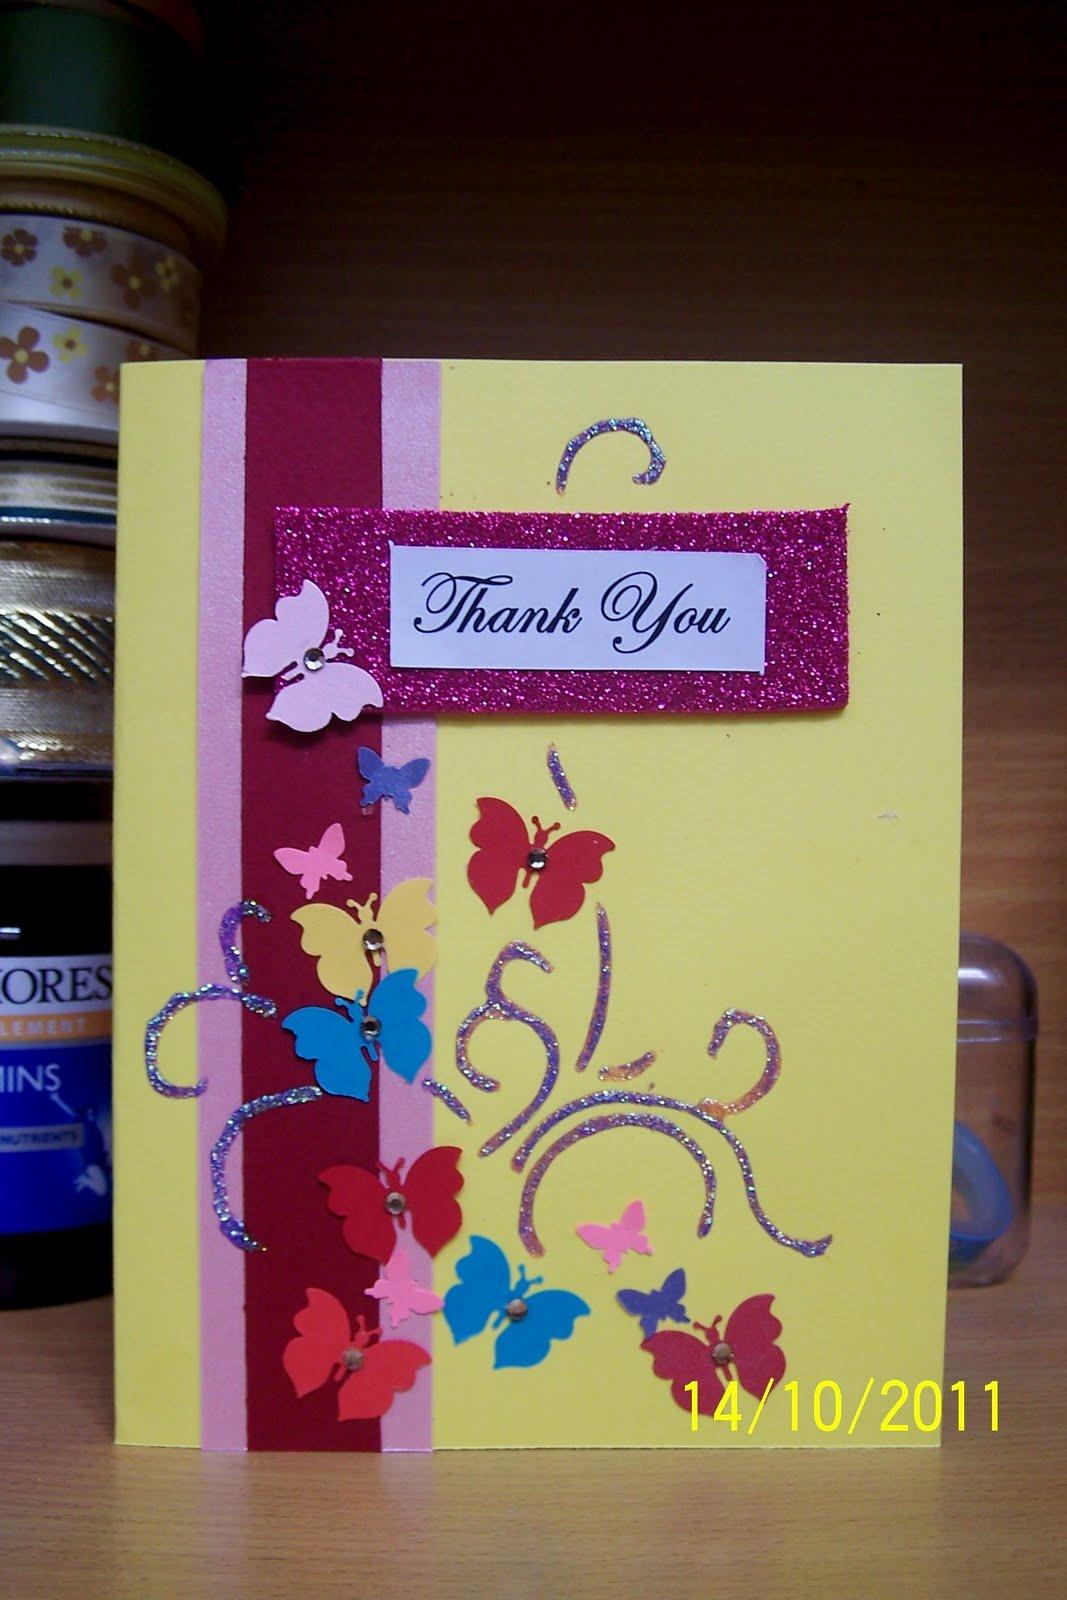 Elaine S Creative Cards Thank You Cards